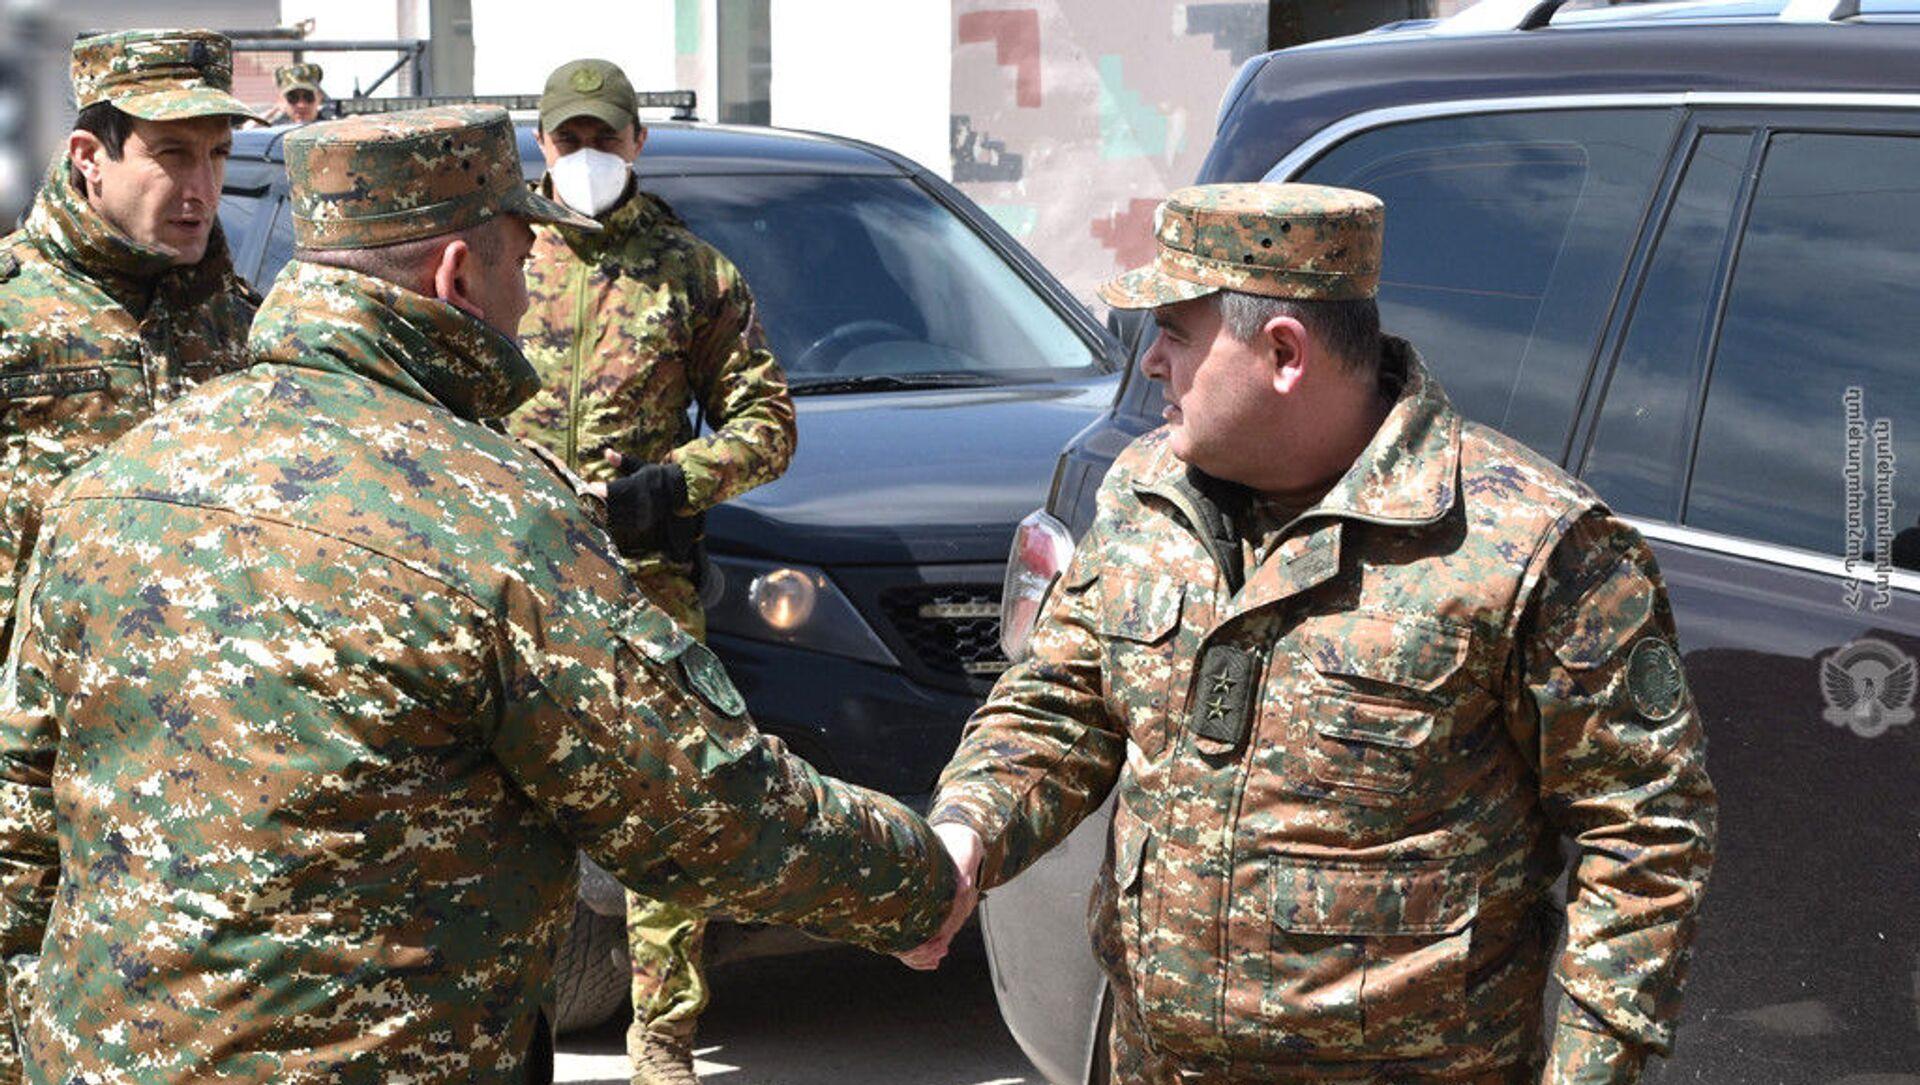 Начальник Генерального штаба ВС, генерал-лейтенант Артак Давтян посетил воинские части для проверки готовности личного состава (7 апреля 2021). - Sputnik Армения, 1920, 27.05.2021